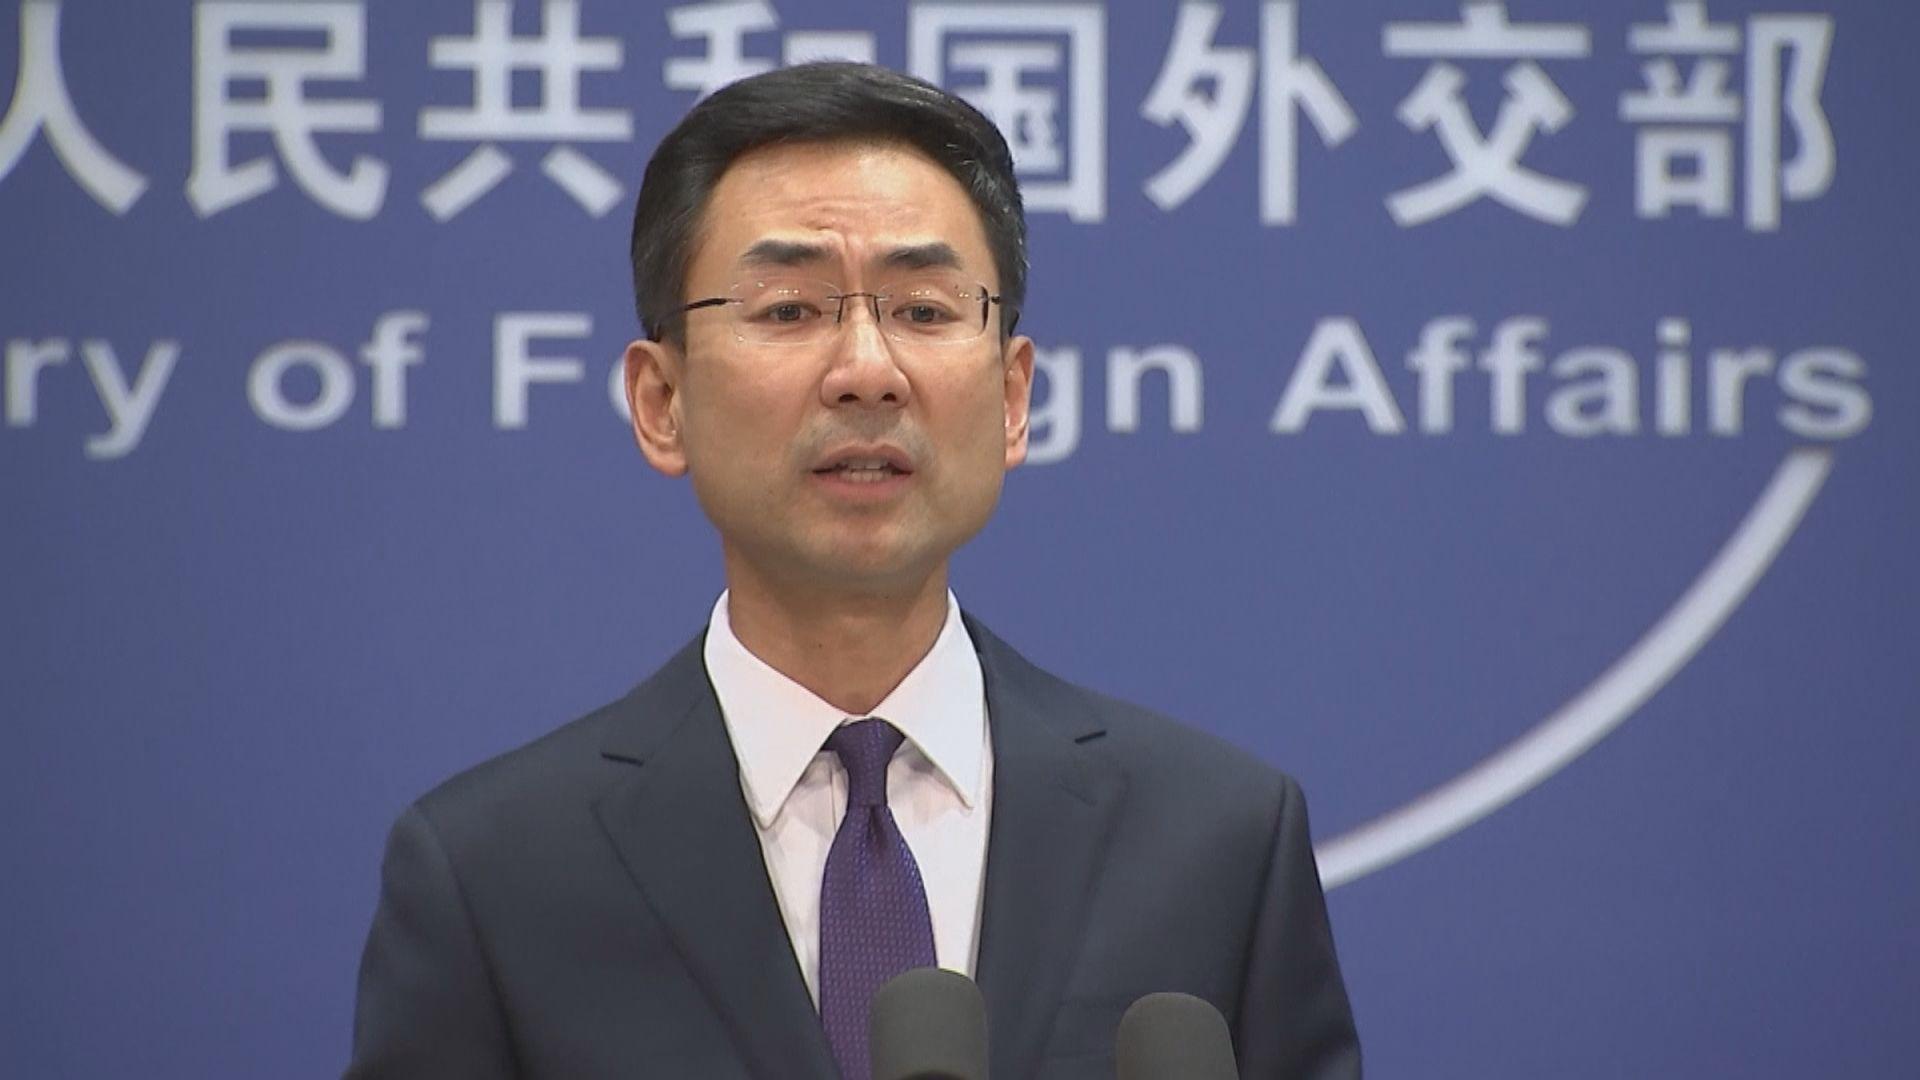 【中美貿戰】外交部:中方有誠意繼續磋商